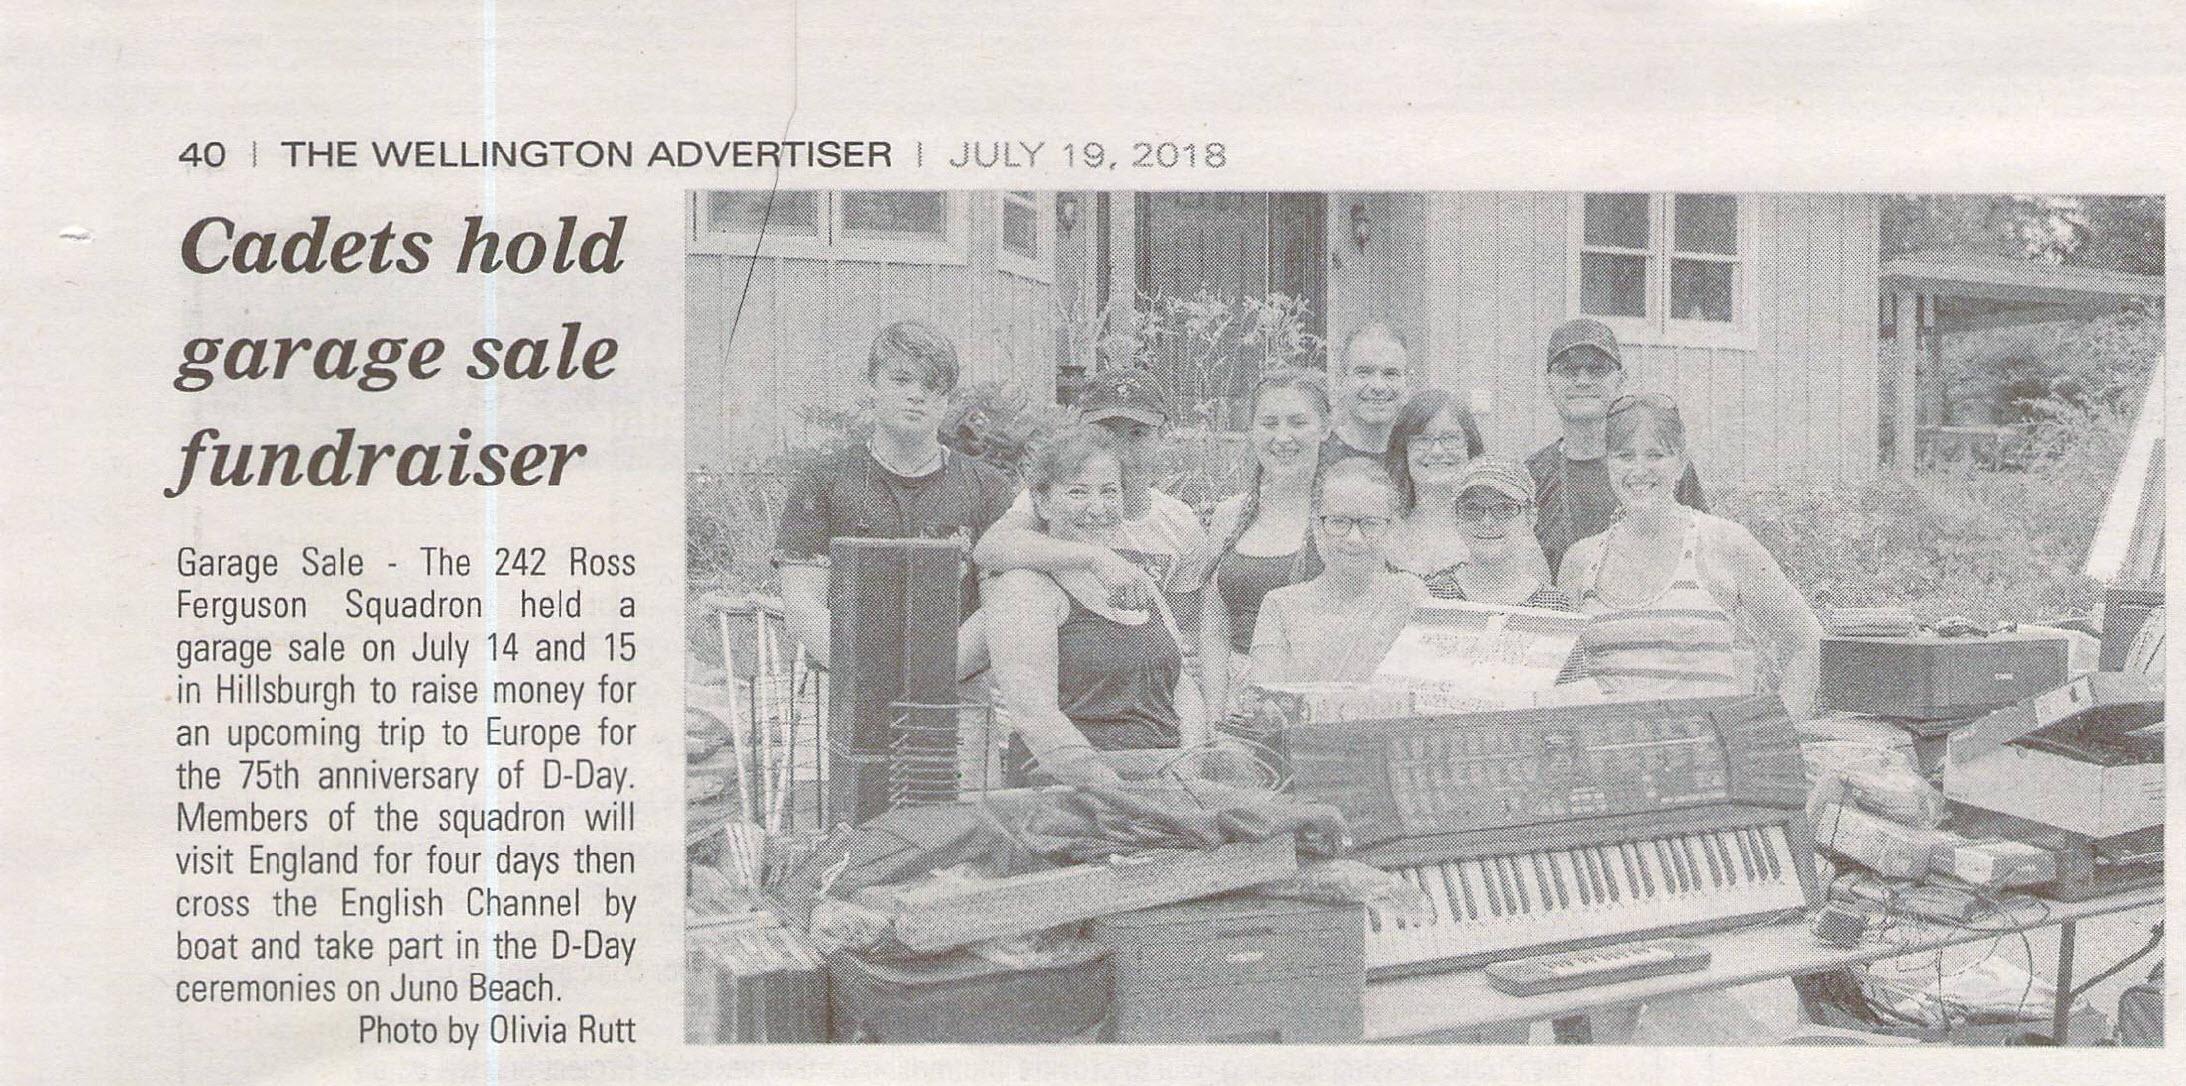 Cadets hold garage sale fundraiser July